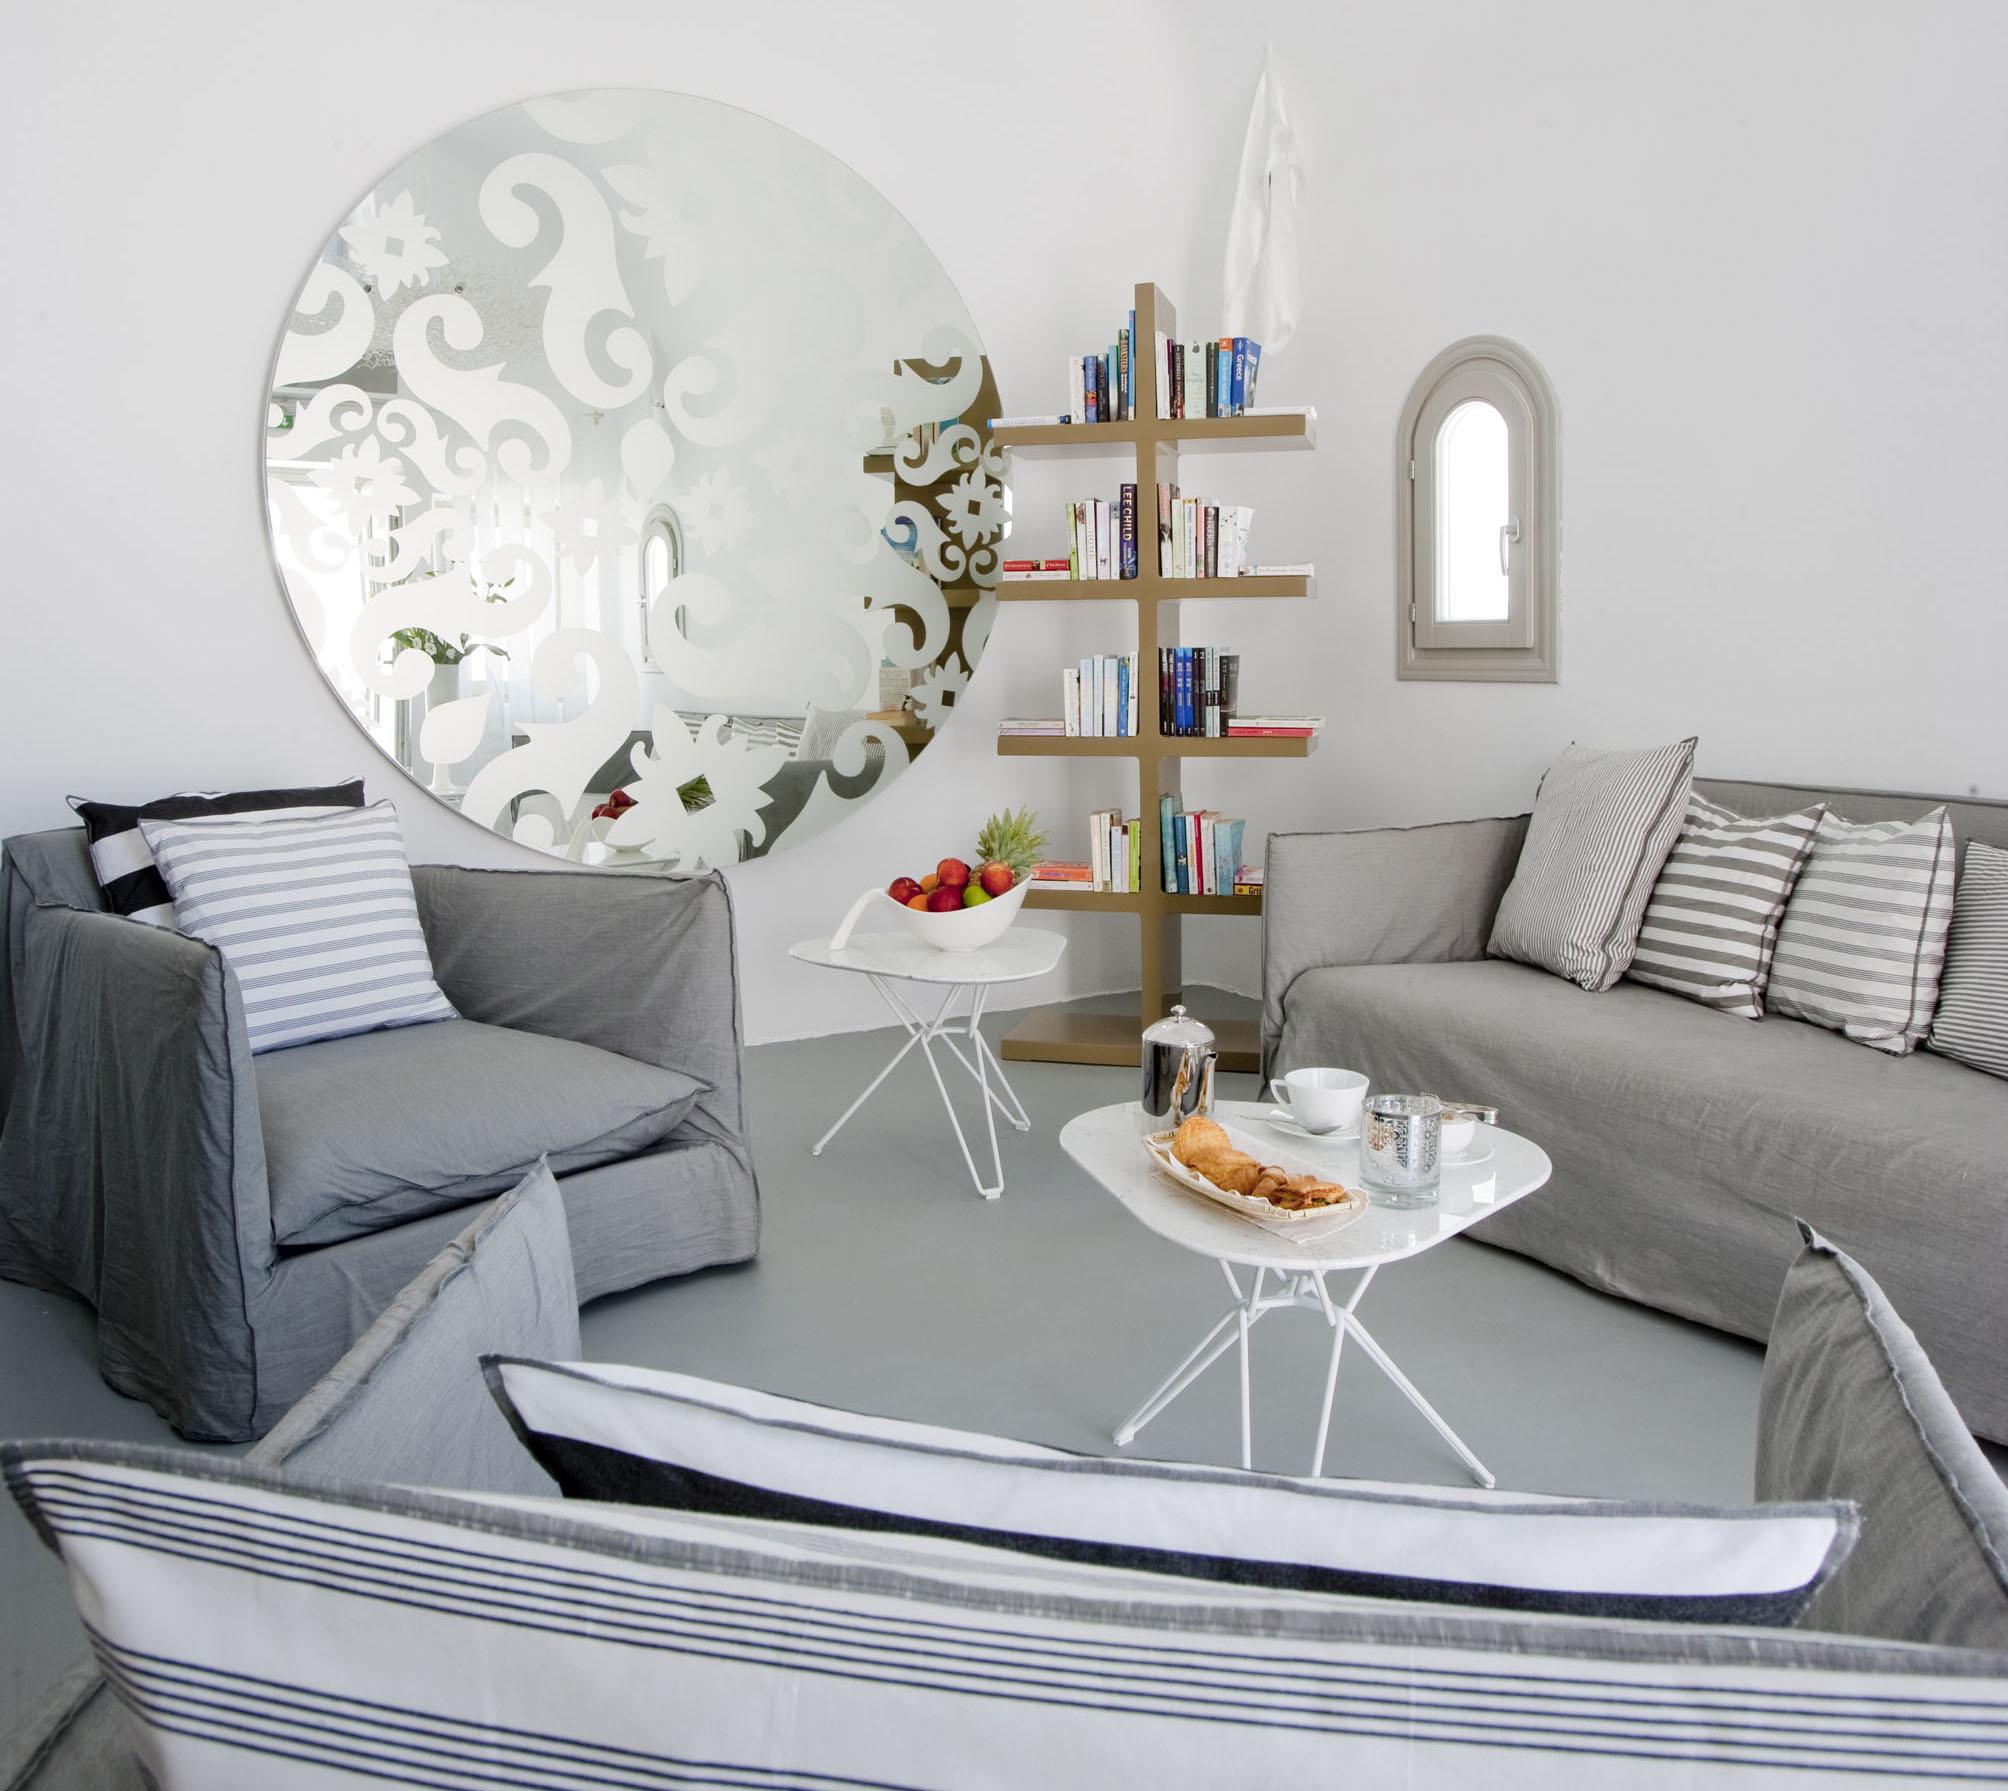 Como ampliar un espacio sin reformas casa y mantel for Como poner un espejo en la pared